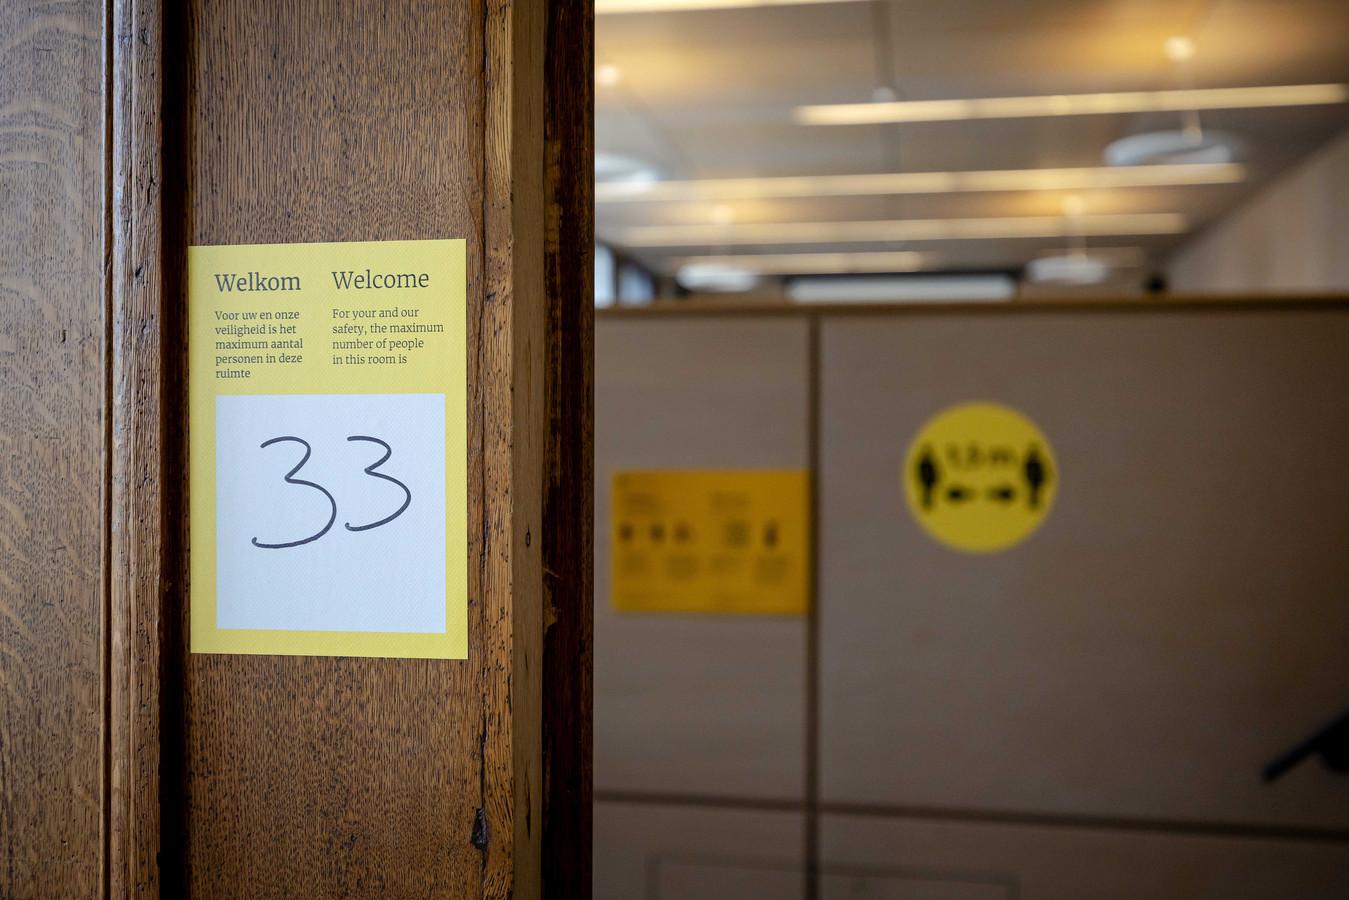 In de collegezaal gelden momenteel nog strenge coronamaatregelen, waaronder de anderhalve meter